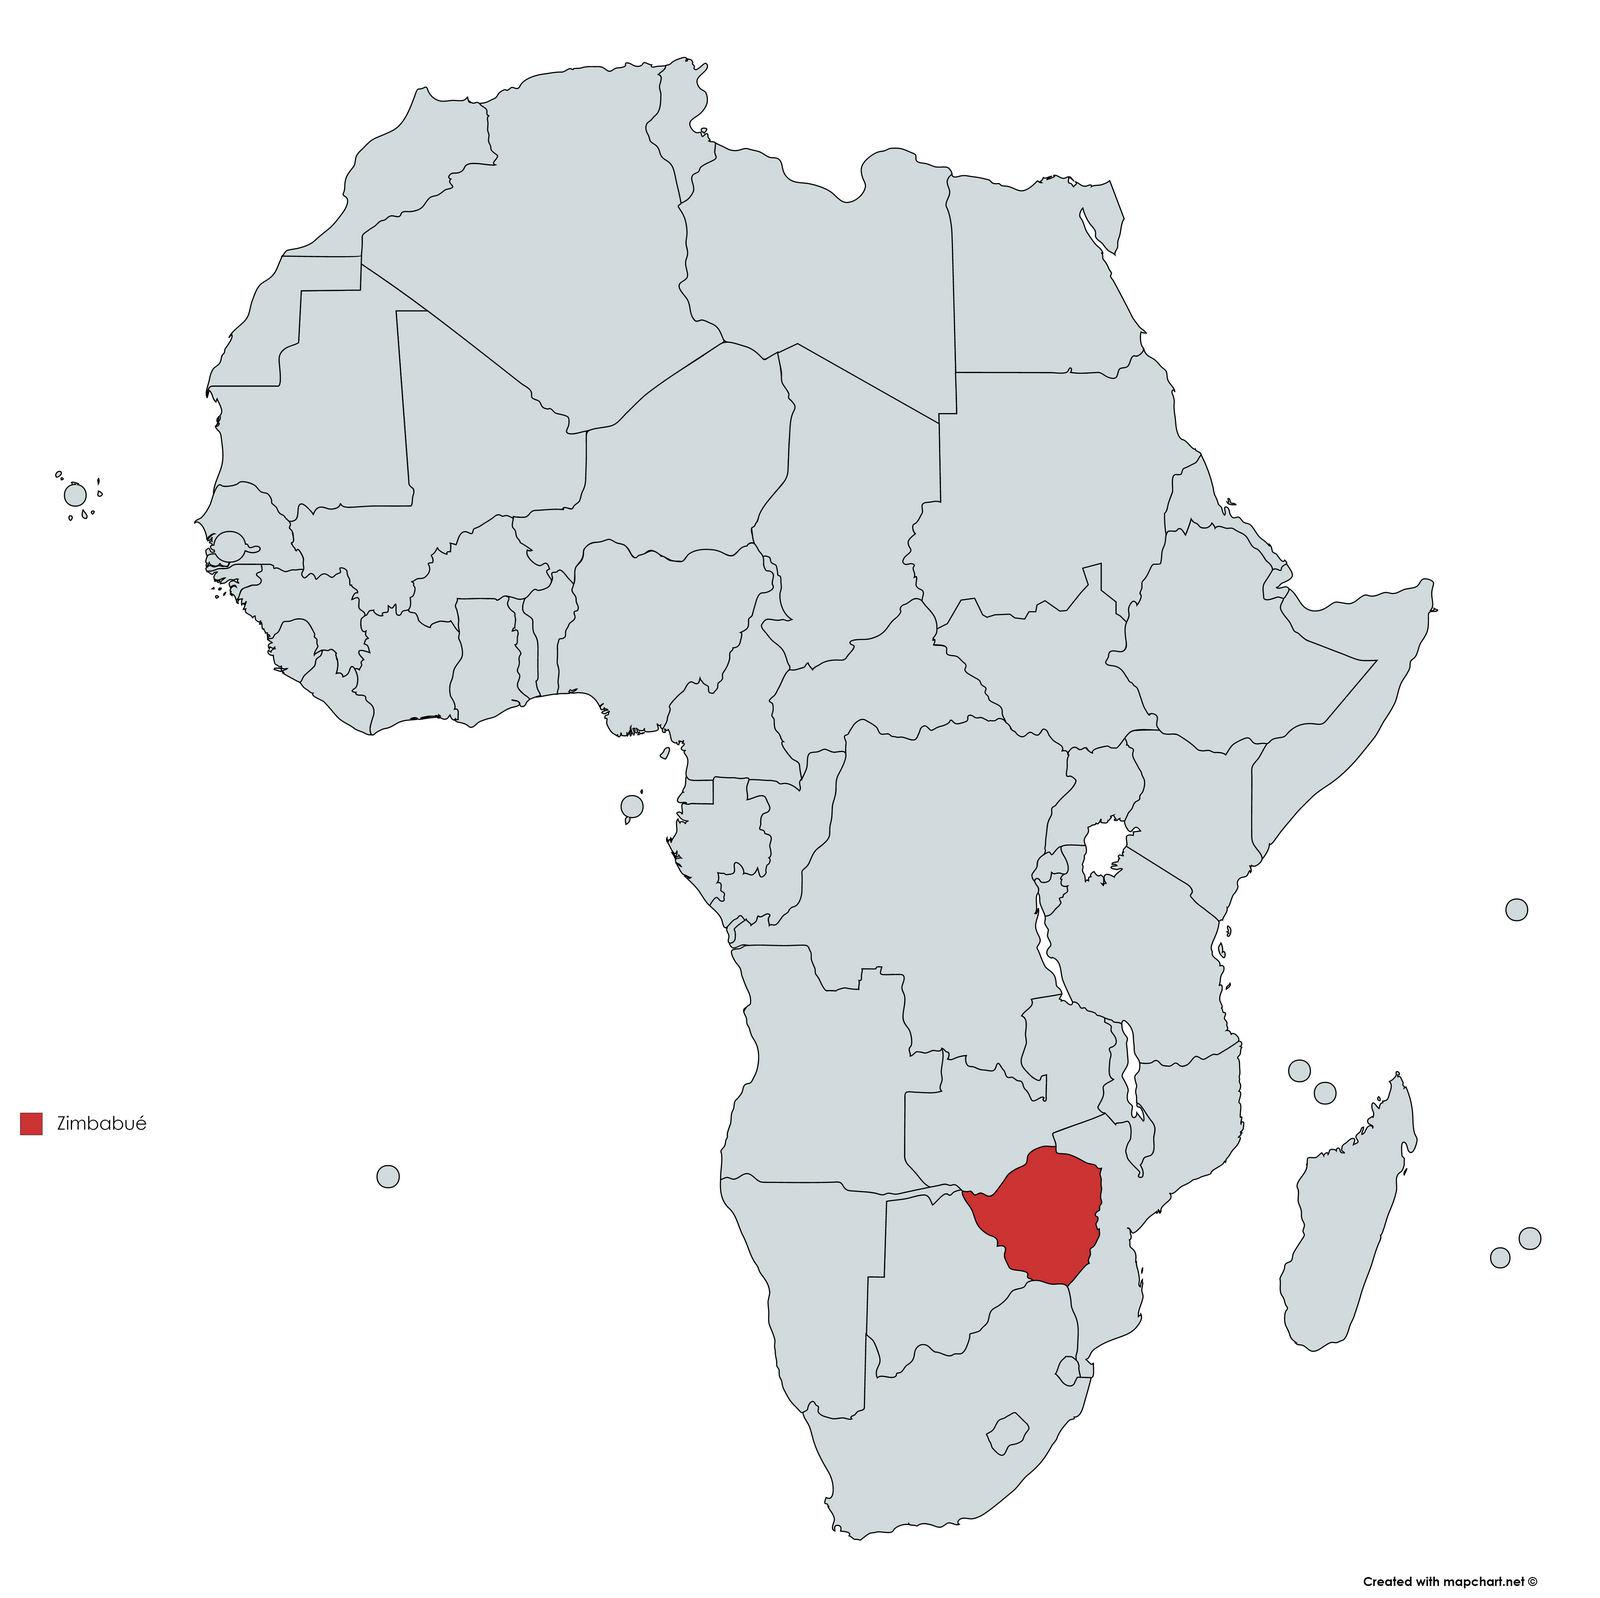 MAPA ZIMBABUE